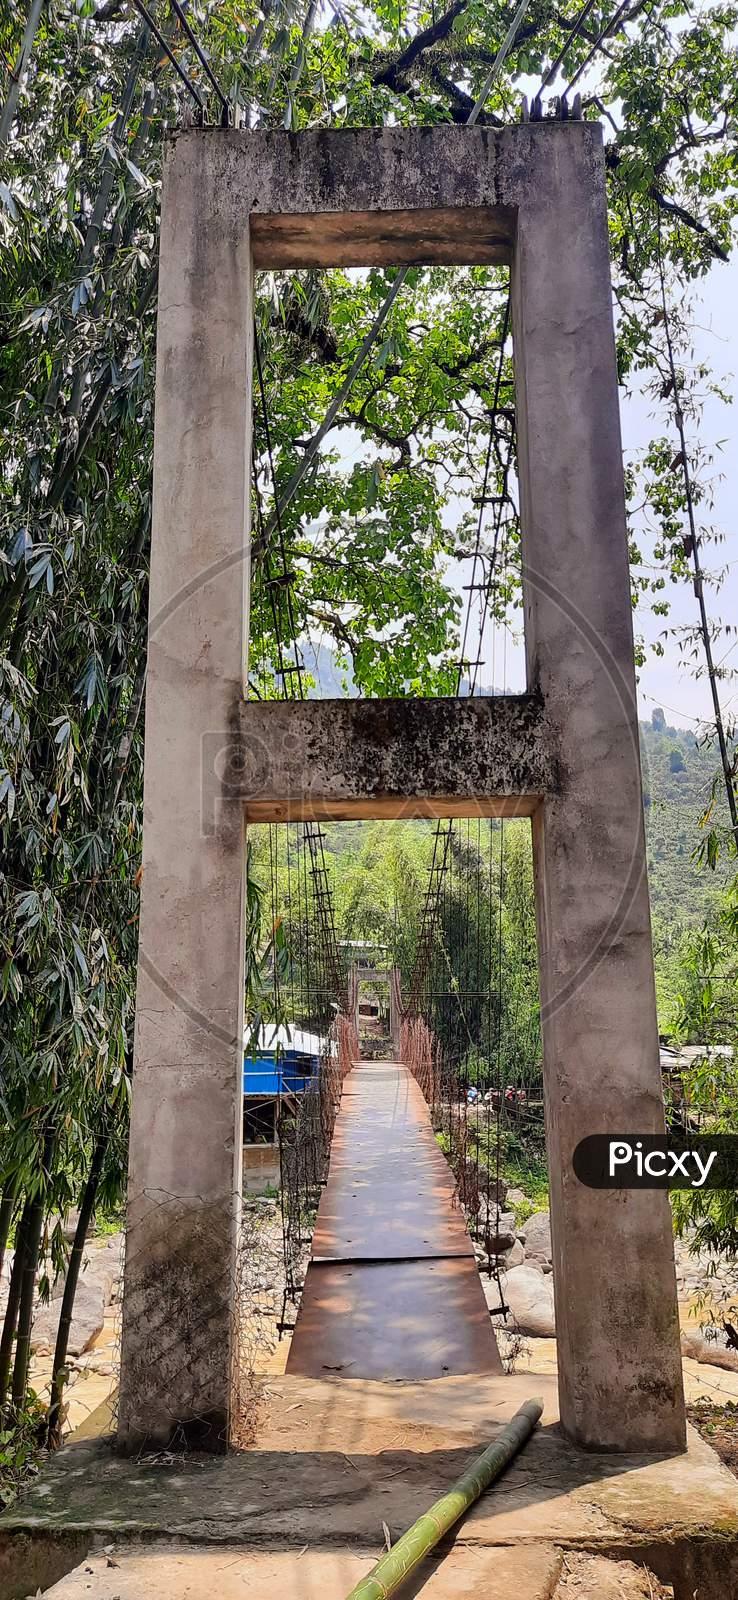 Palang River Bridge at Pacha, Seppa